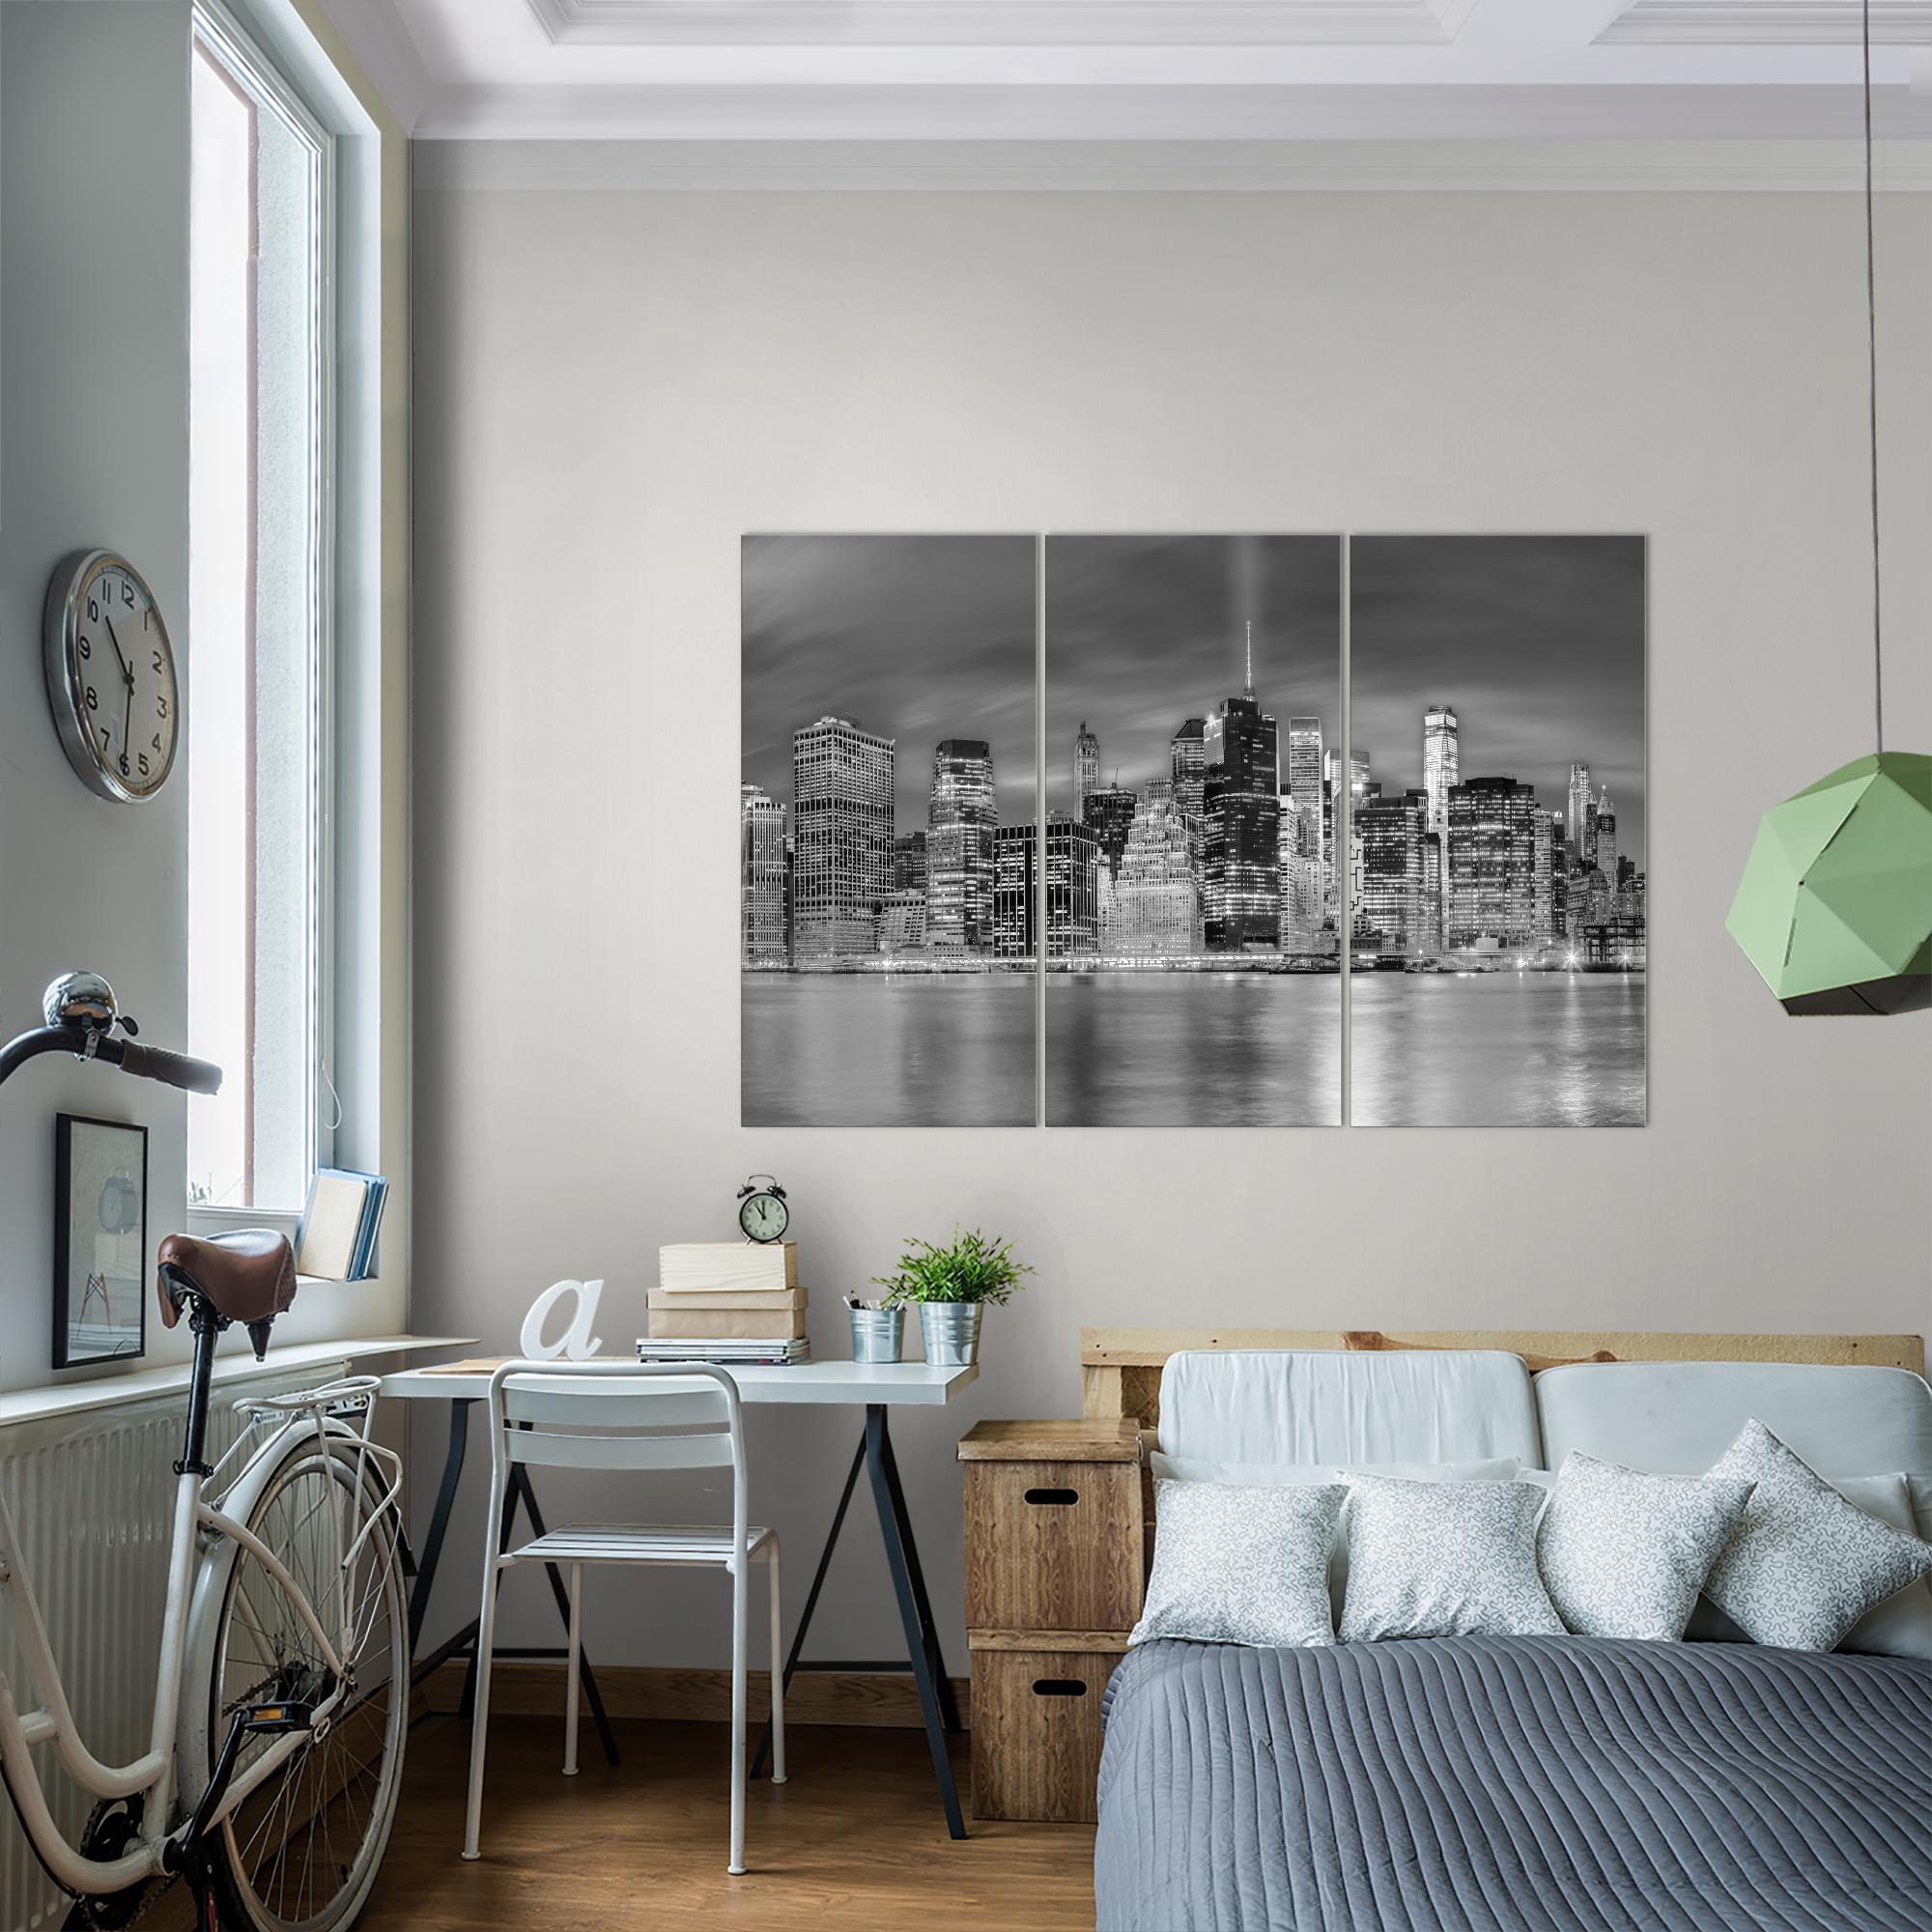 new york bild kunstdruck auf vlies leinwand xxl. Black Bedroom Furniture Sets. Home Design Ideas